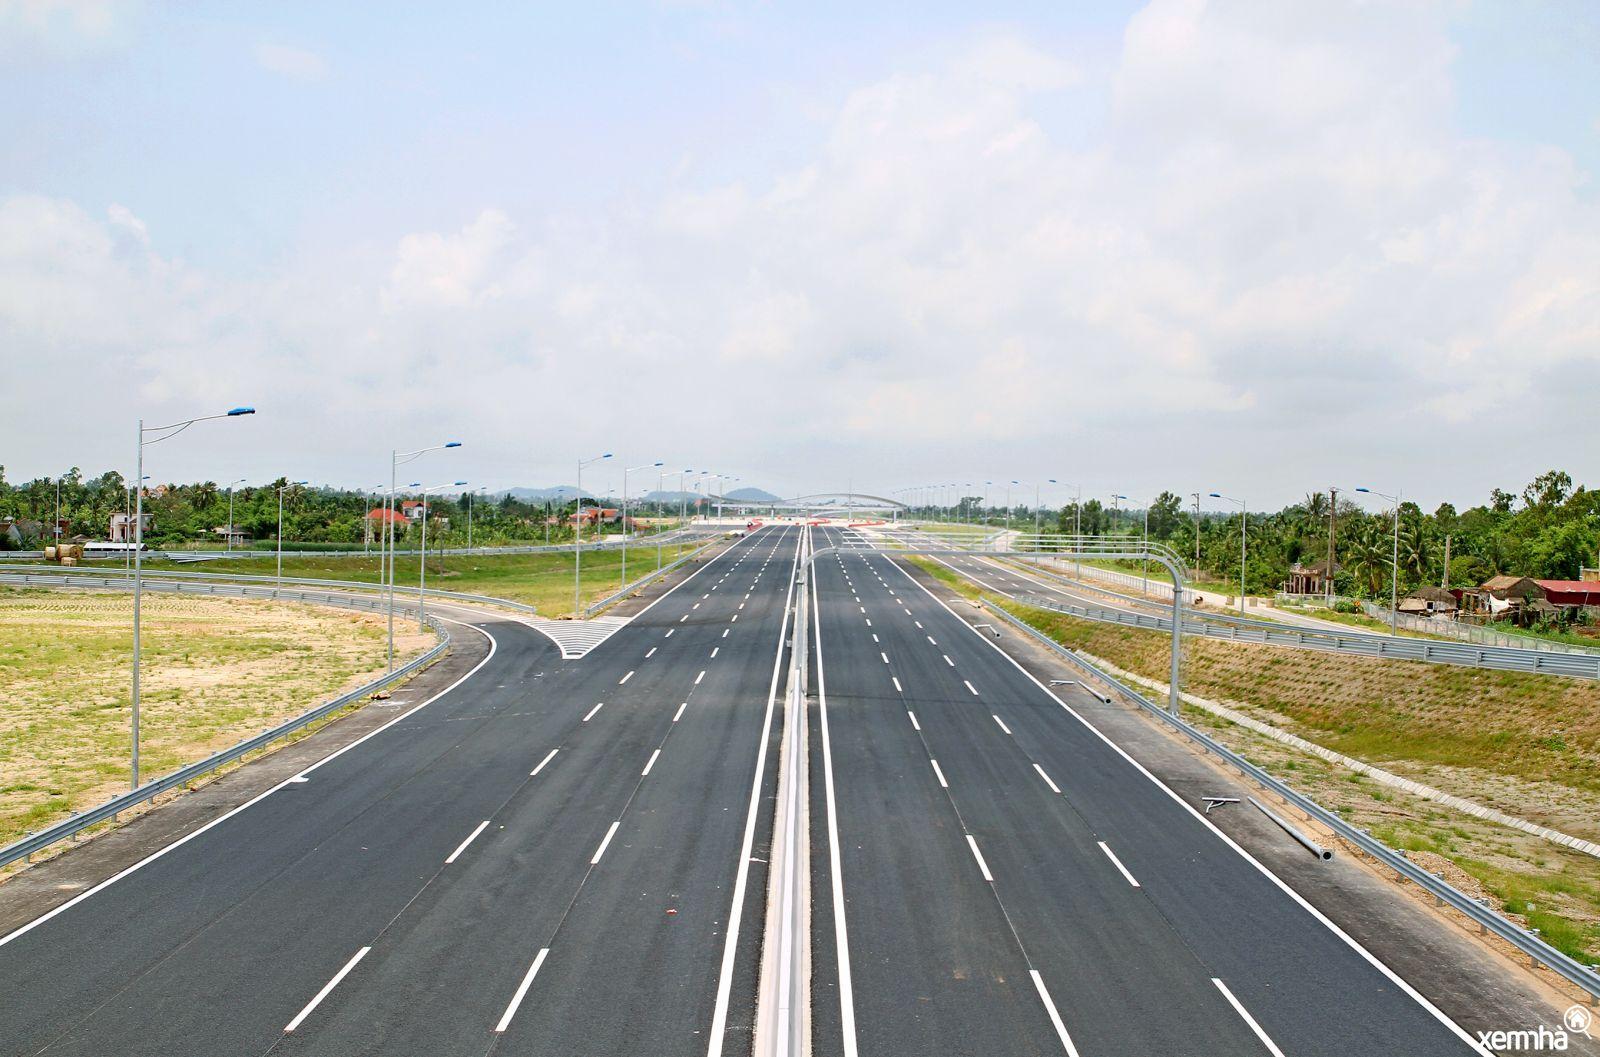 Cao tốc kết nối sân bay Long Thành với TPHCM